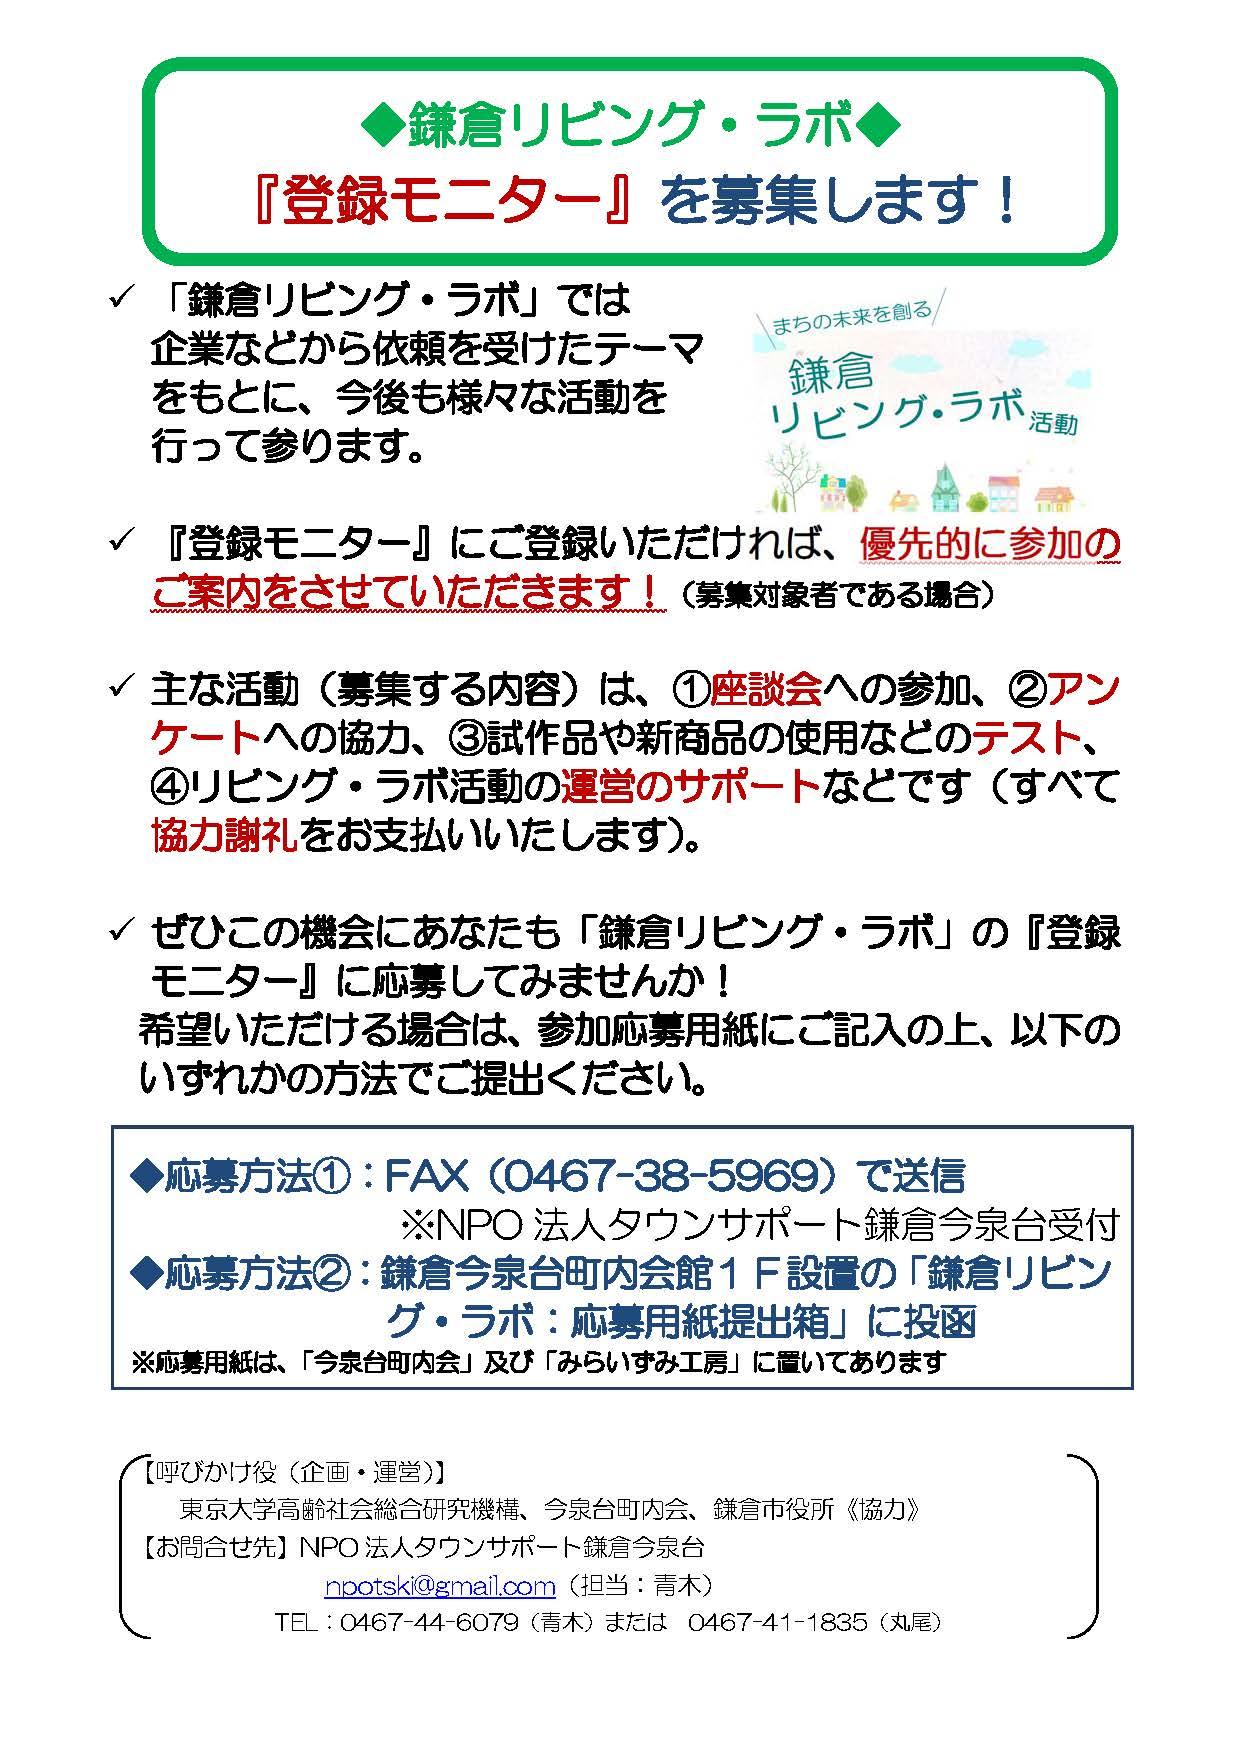 20170131LLmoni-01